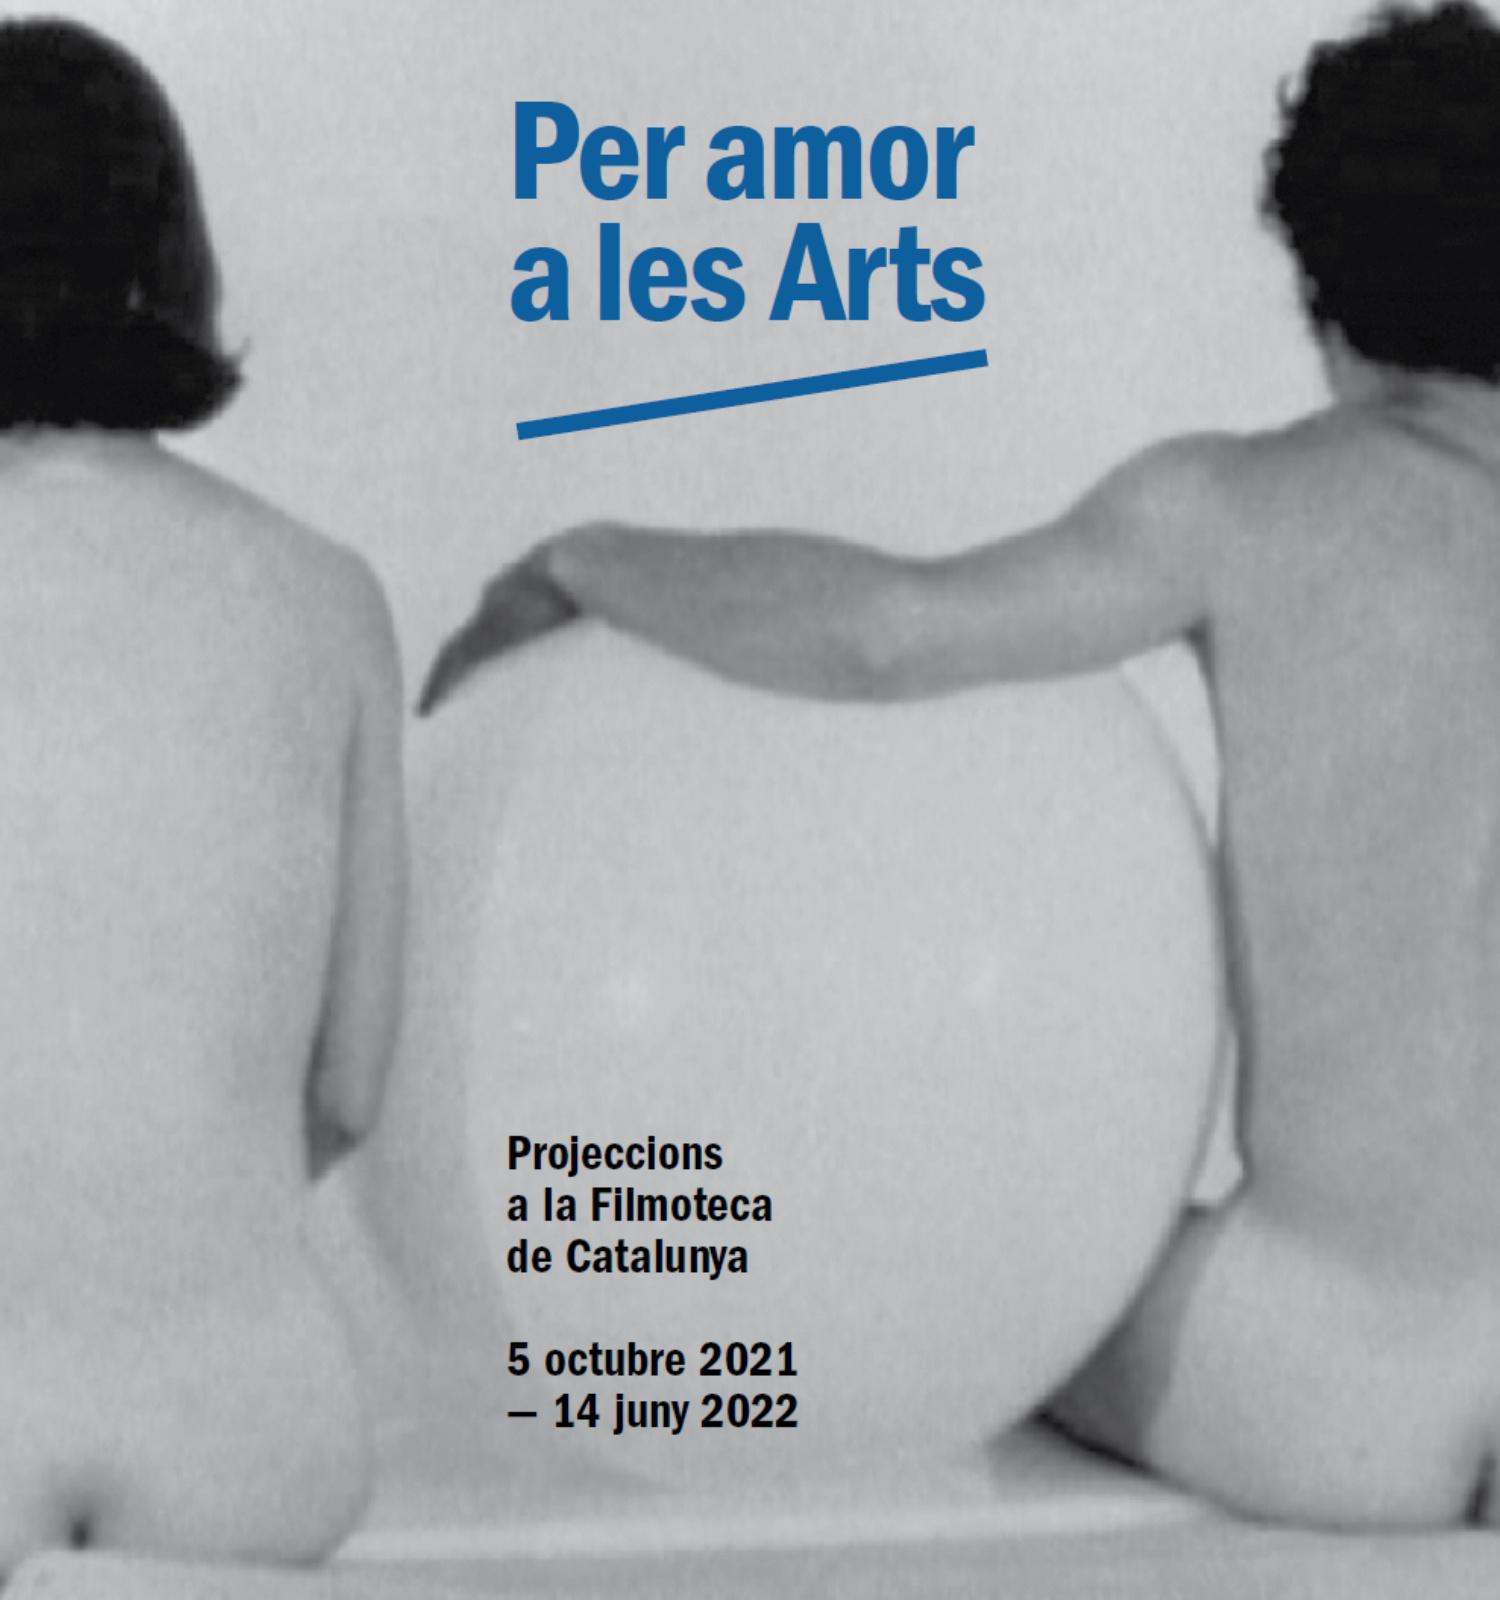 Cicle Per amor a les arts 2021-2022